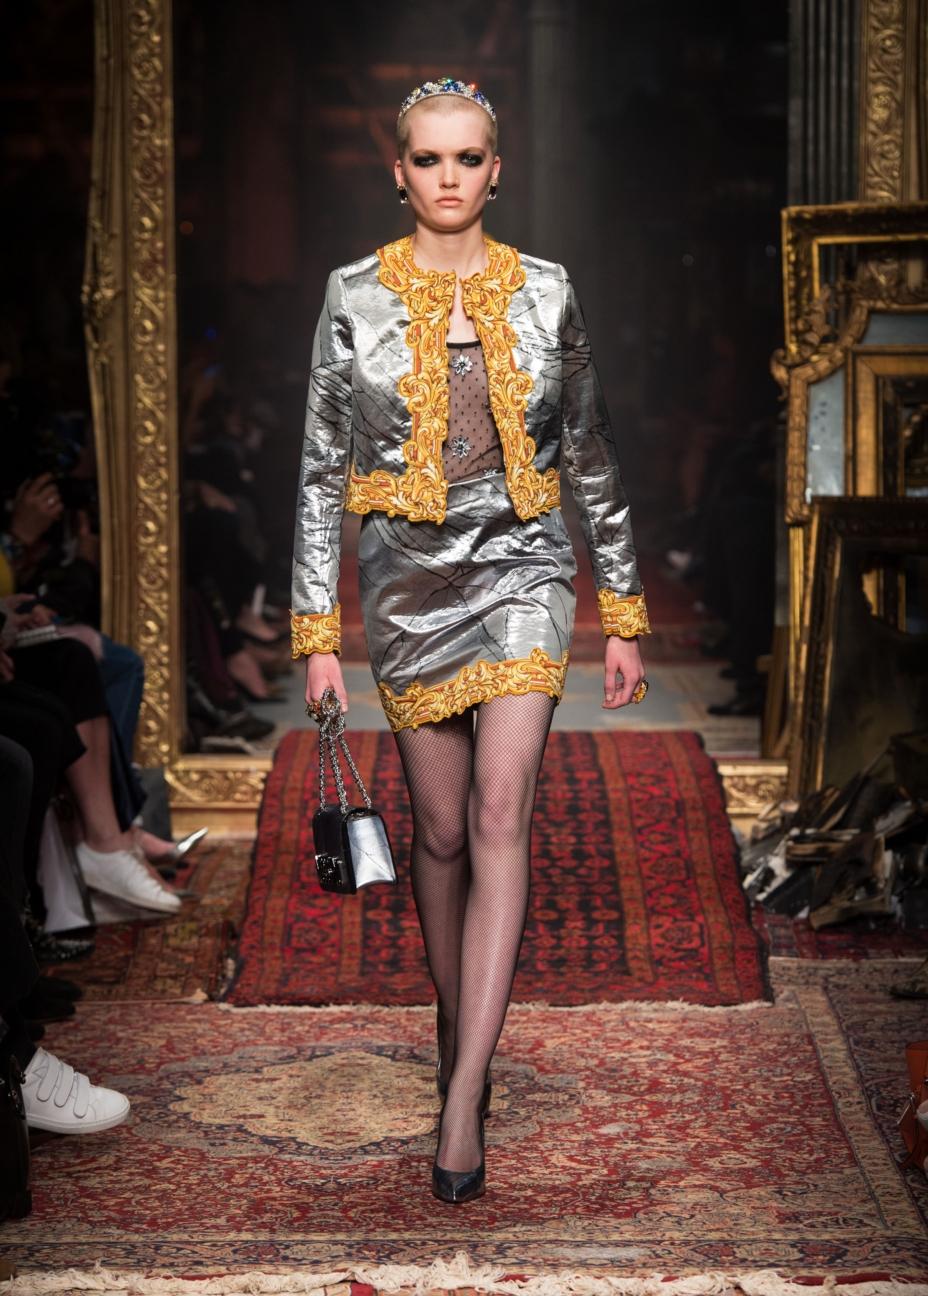 moschino-milan-fashion-week-aw-16-55